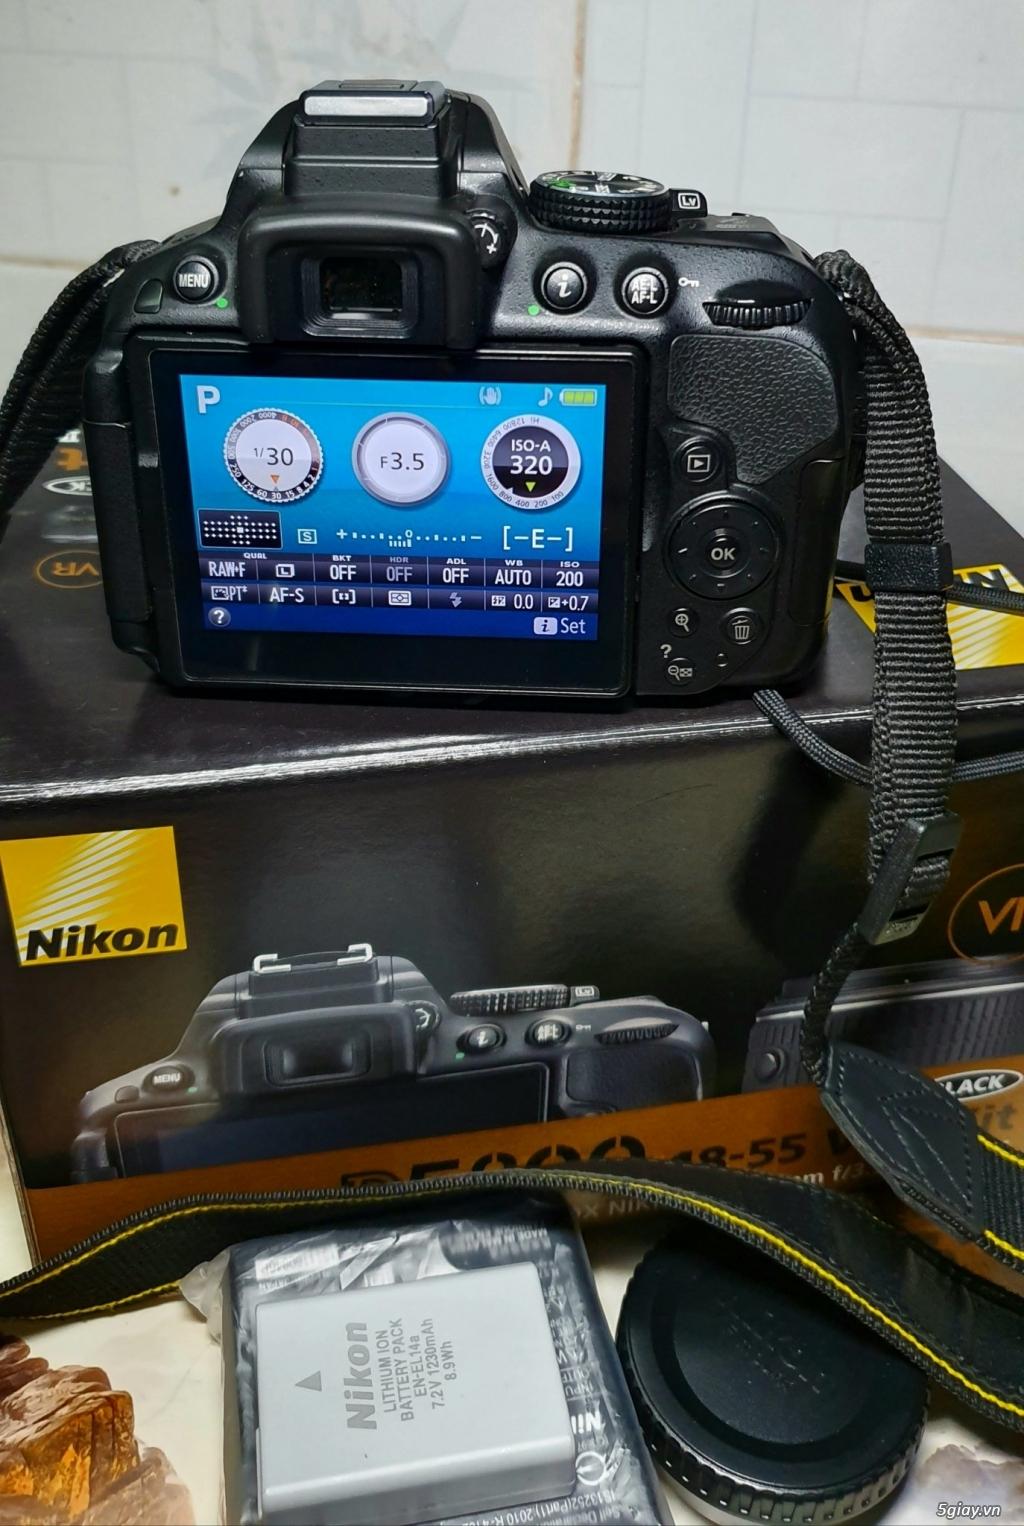 Cần bán máy ảnh Nikon D5300 kit AFS 18-55 VR - 3